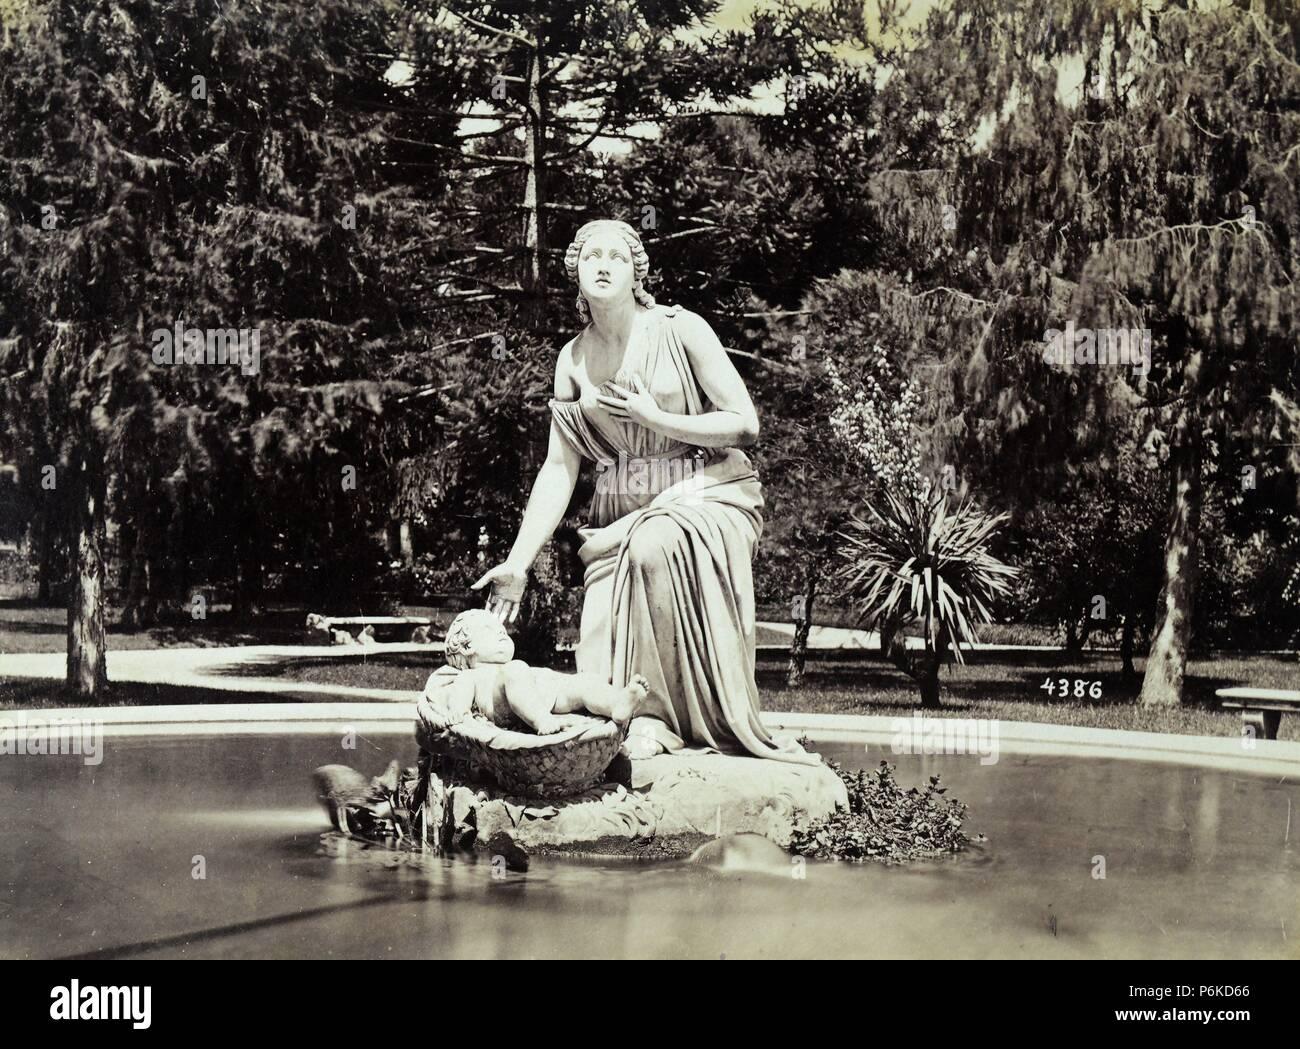 Roma, fuente de Moisés en los jardines del Monte Pincio. - Stock Image